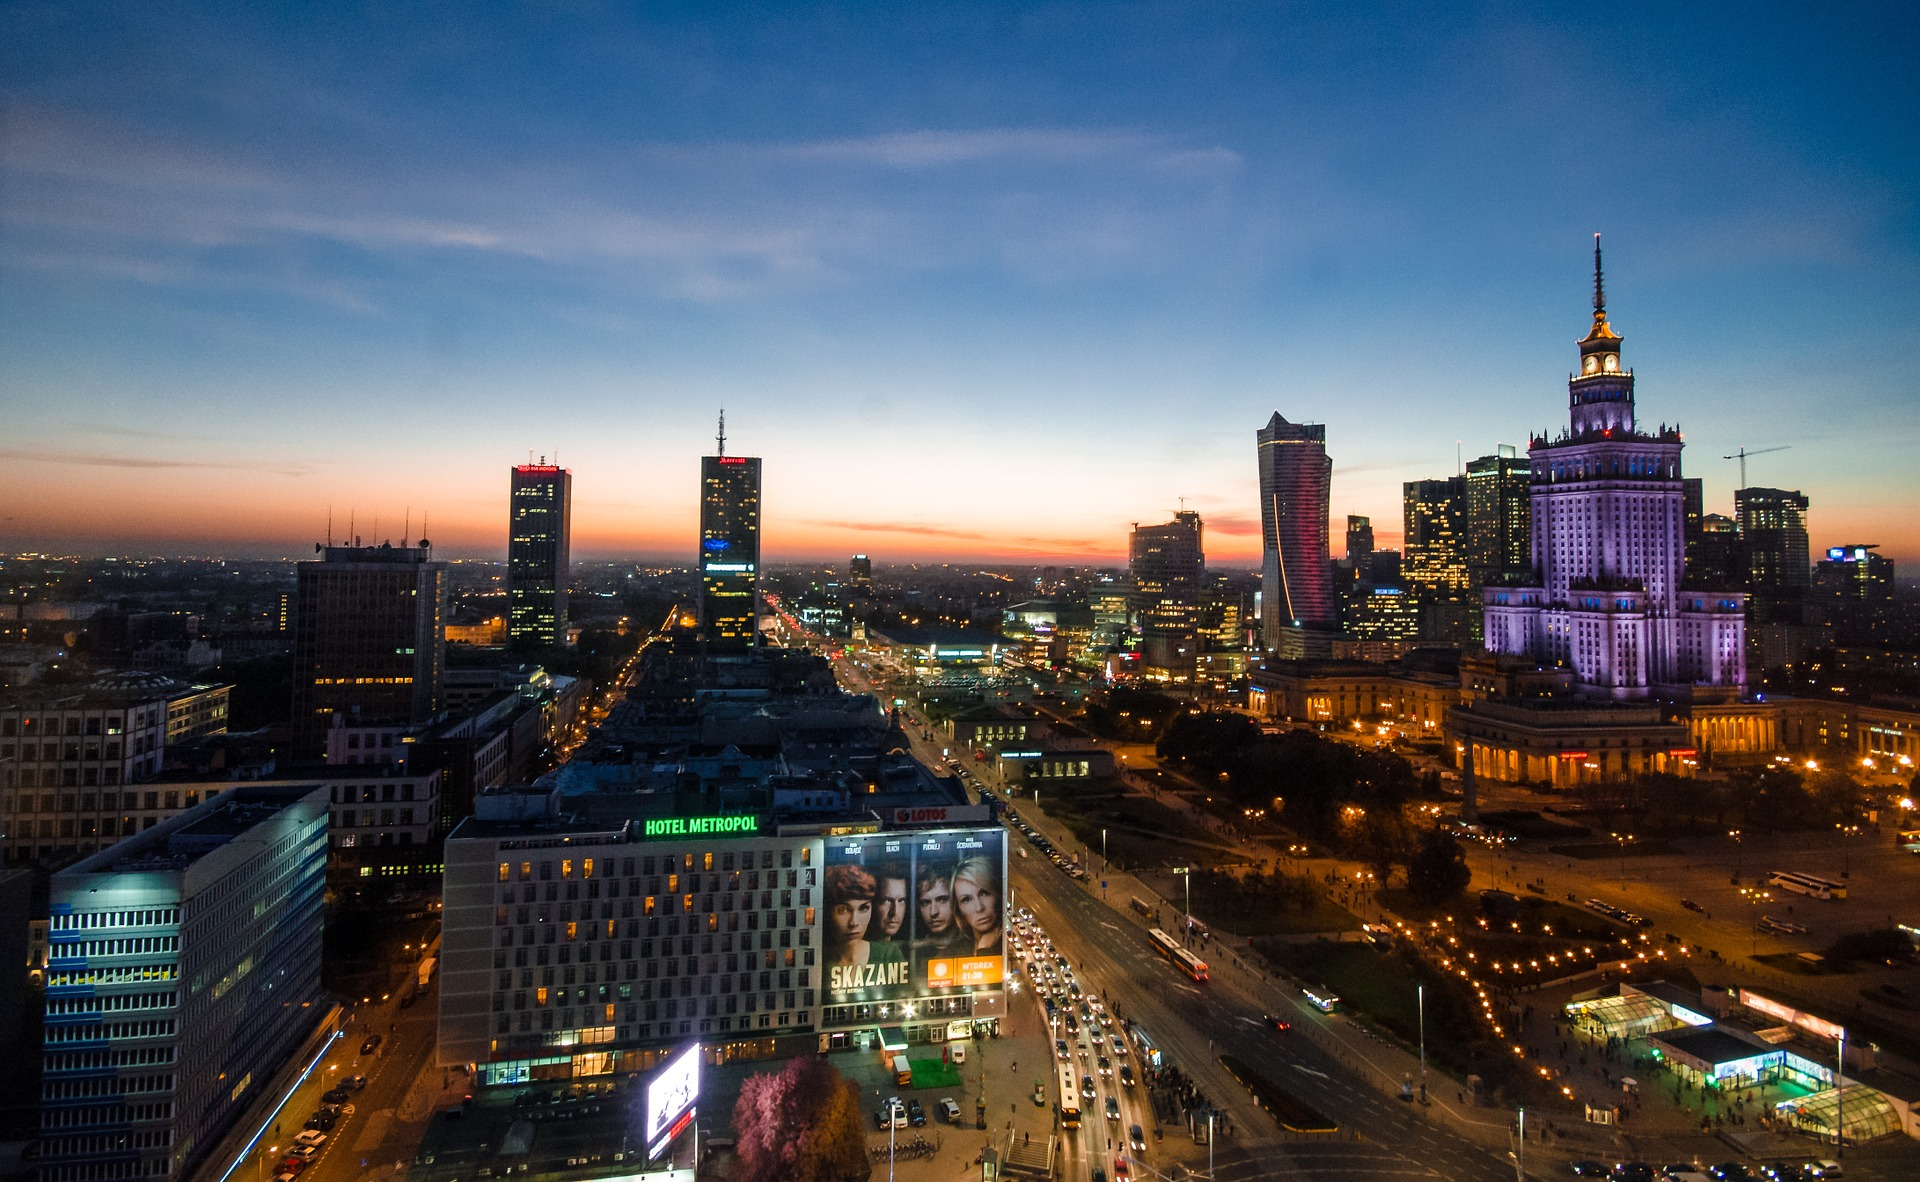 Przeniesienie części urzędów poza Warszawę może mieć pozytywne skutki dla samej stolicy. Fot. Pixabay